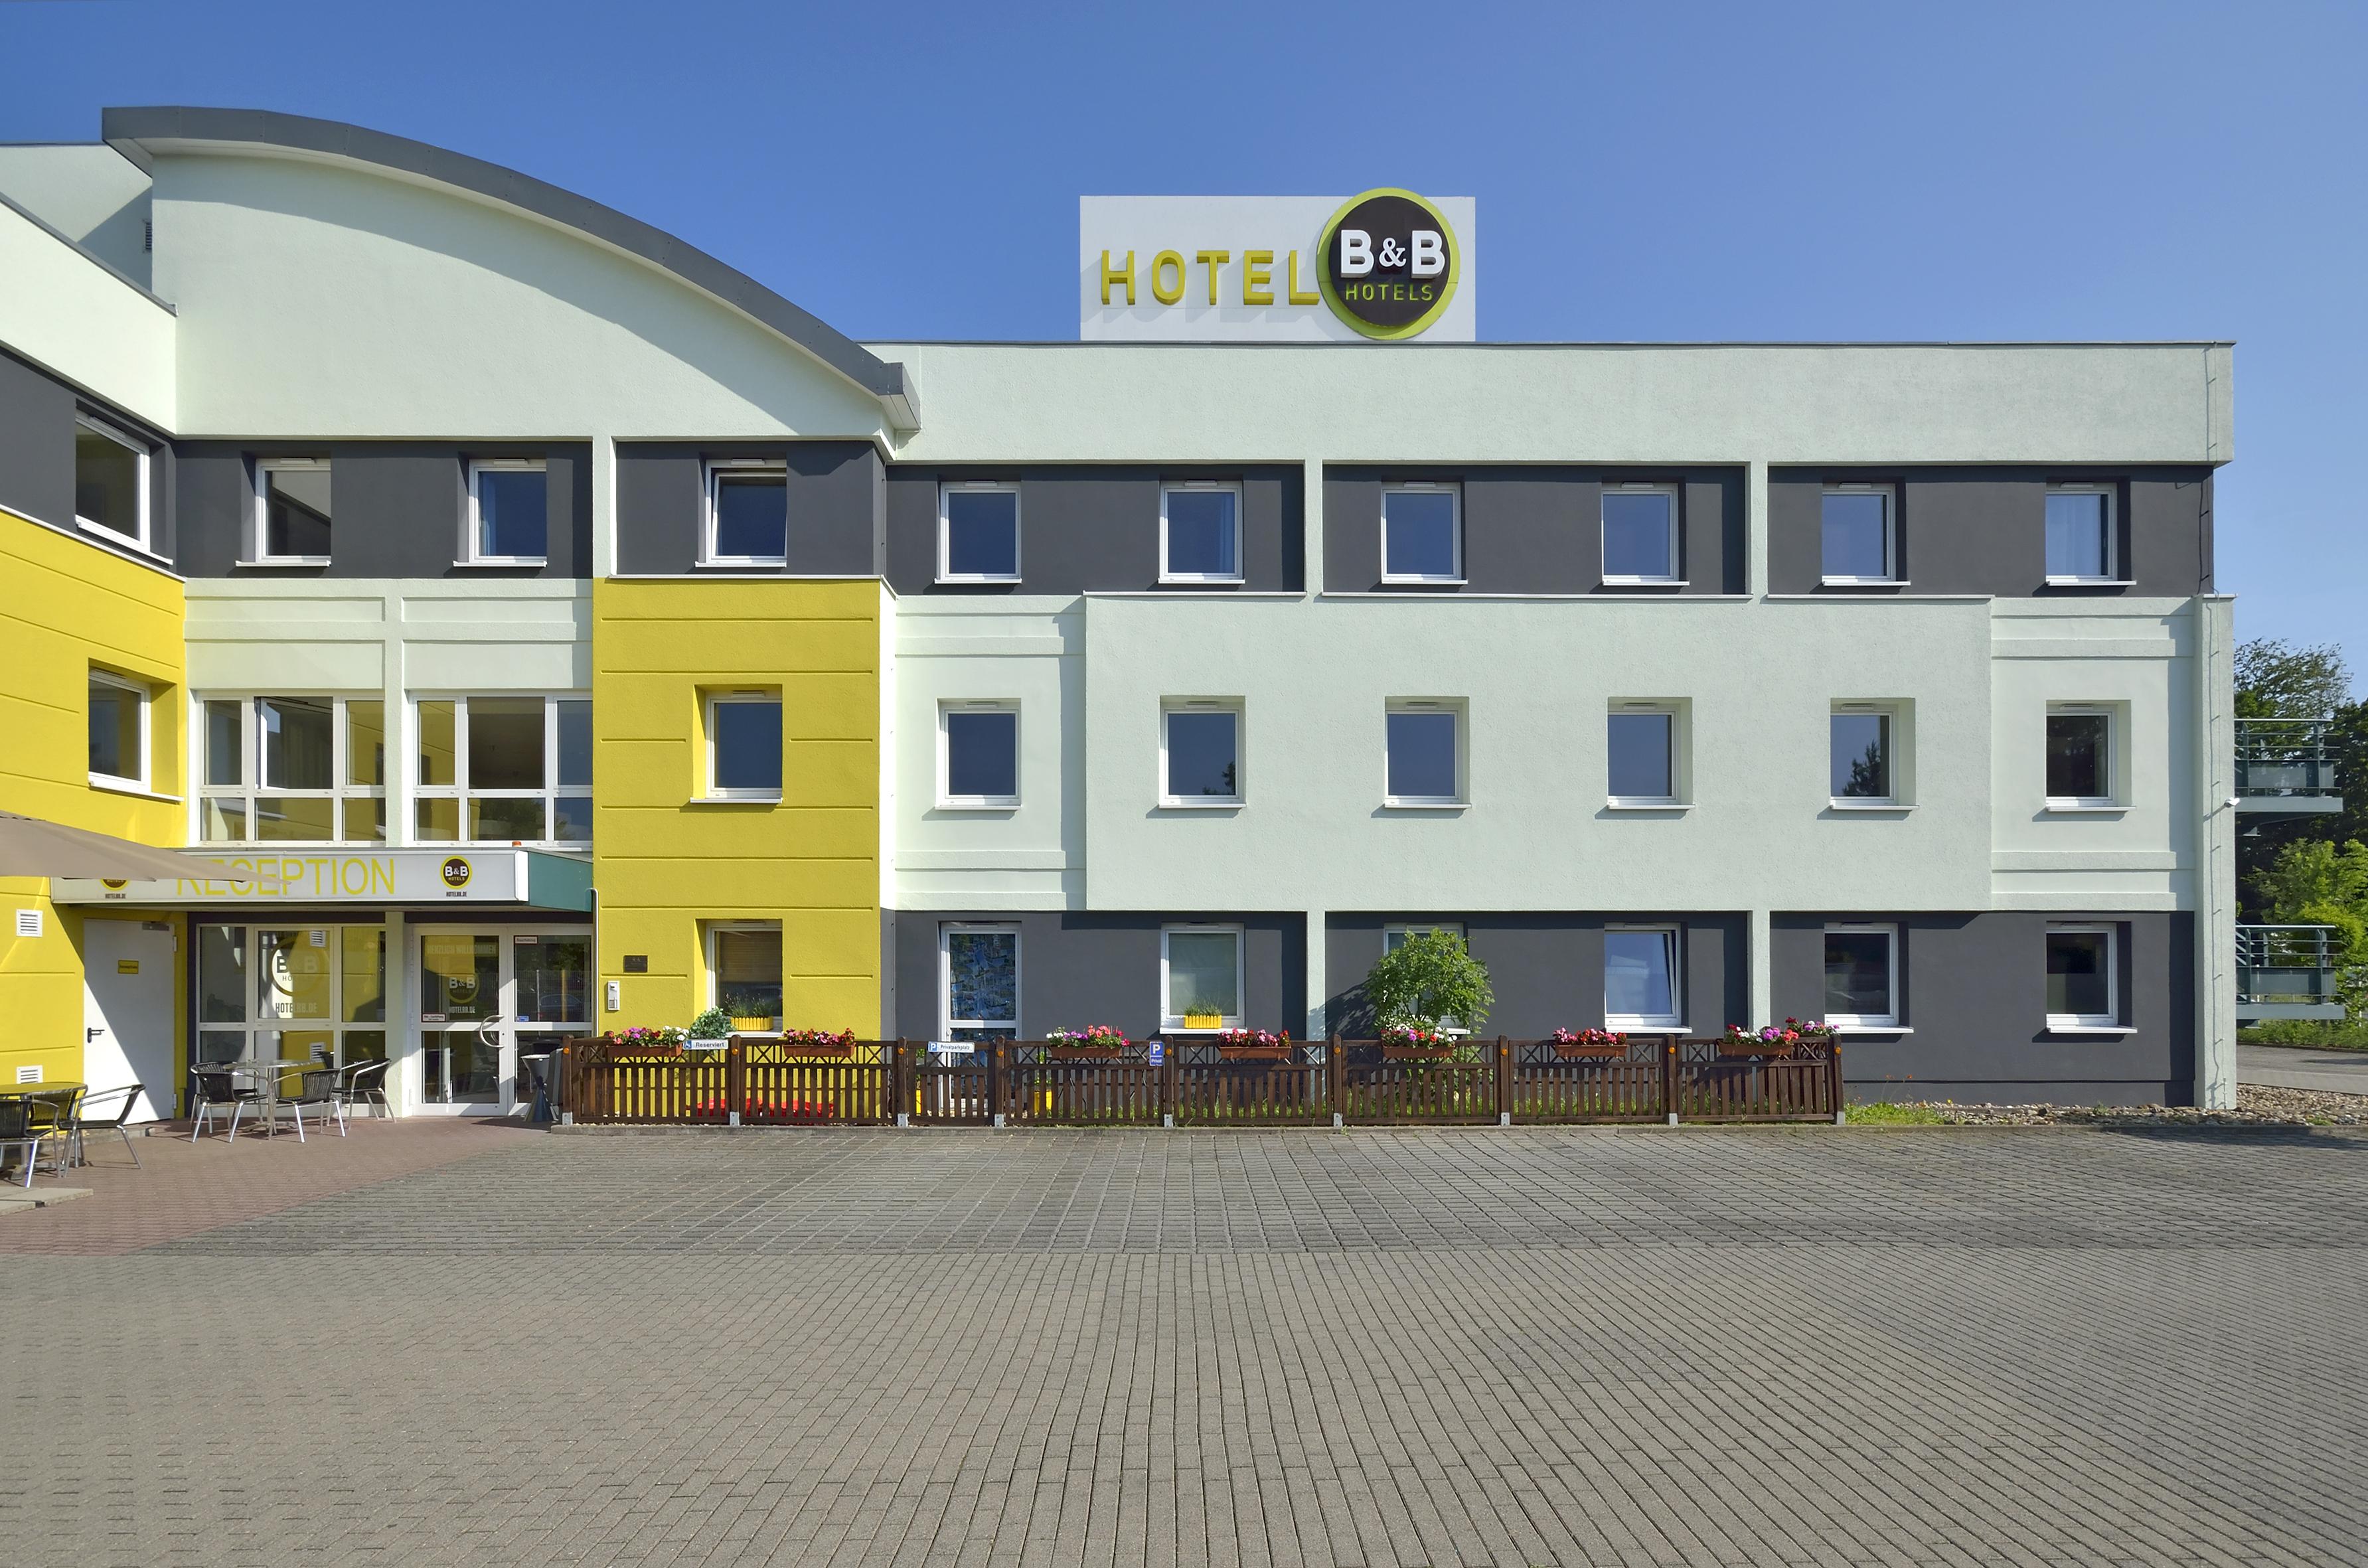 b b hotel aachen w rselen in w rselen holidaycheck nordrhein westfalen deutschland. Black Bedroom Furniture Sets. Home Design Ideas